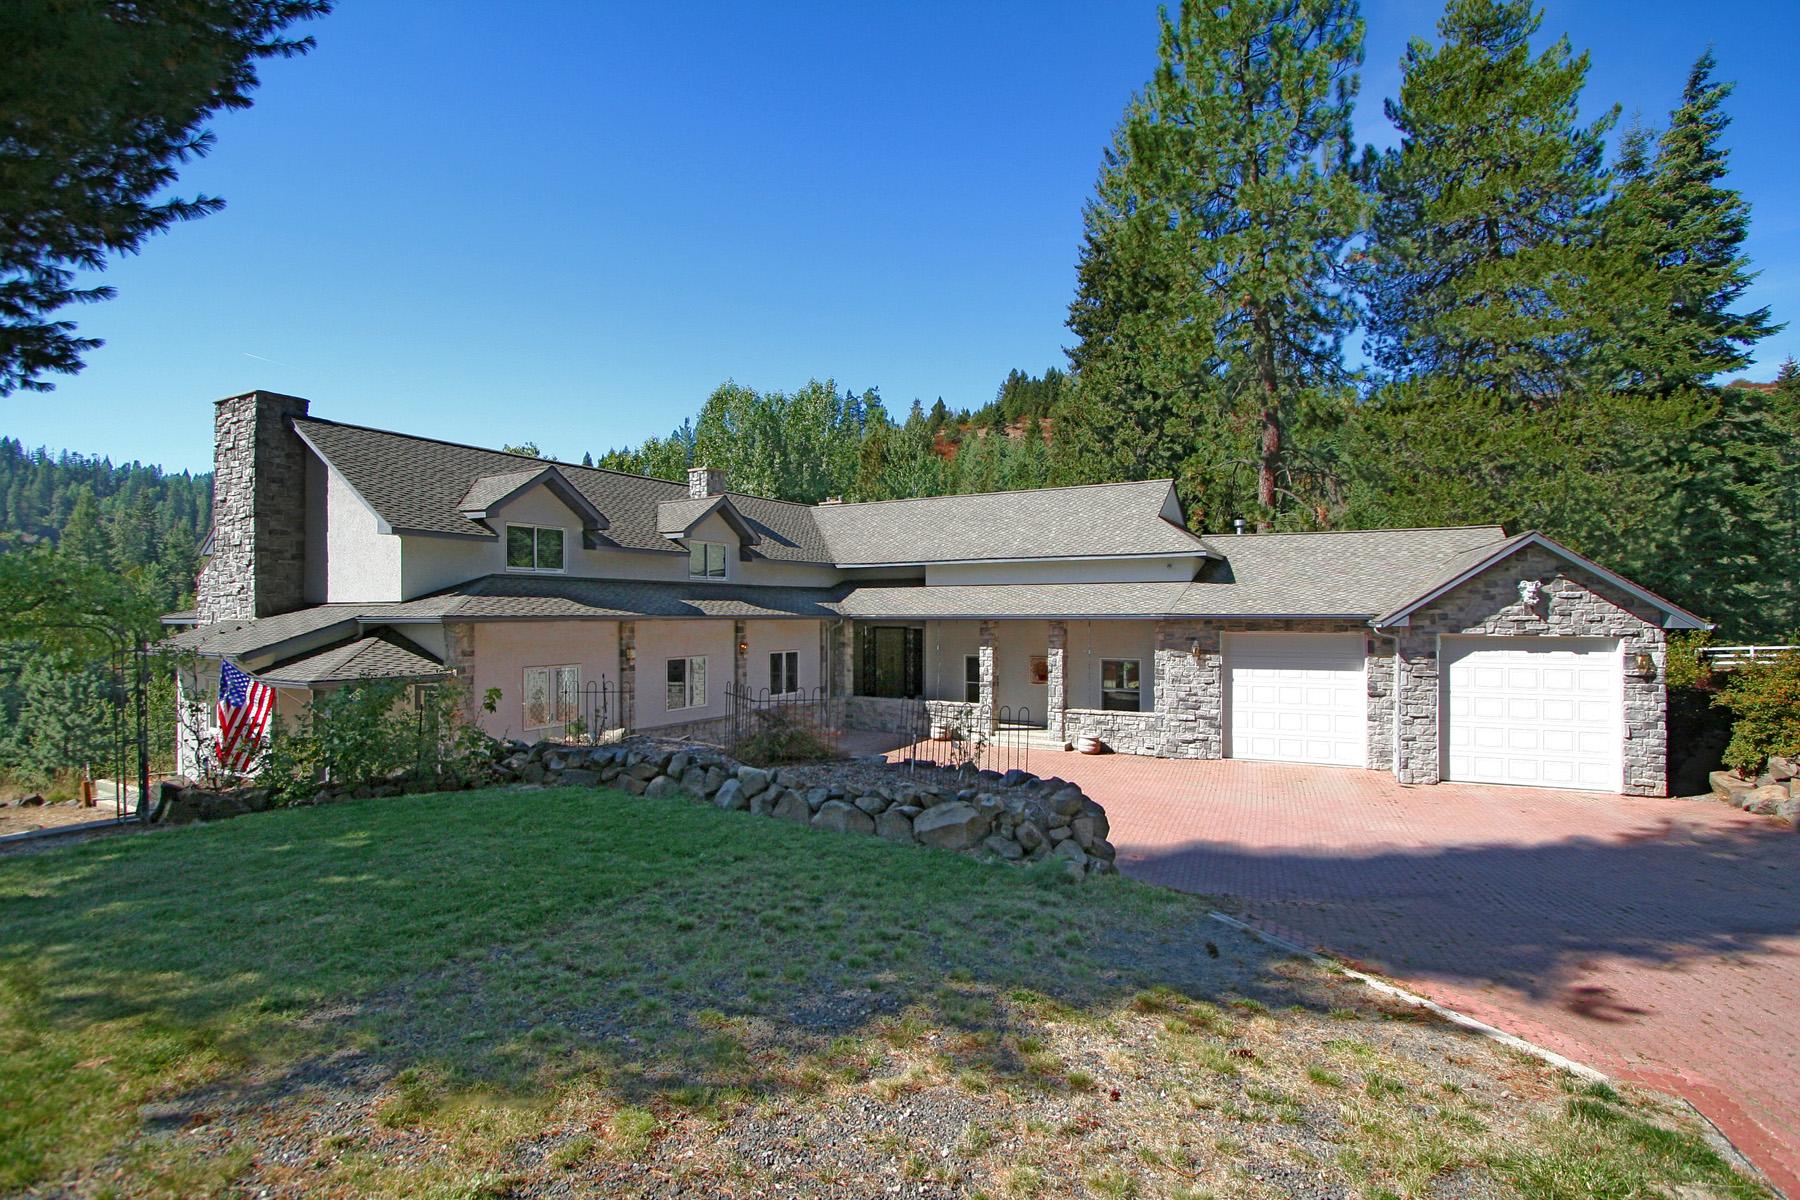 Nhà ở một gia đình vì Bán tại Northern Idaho Paradise!!! 11618 W. Rockford Bay Rd. Coeur D Alene, Idaho 83814 Hoa Kỳ